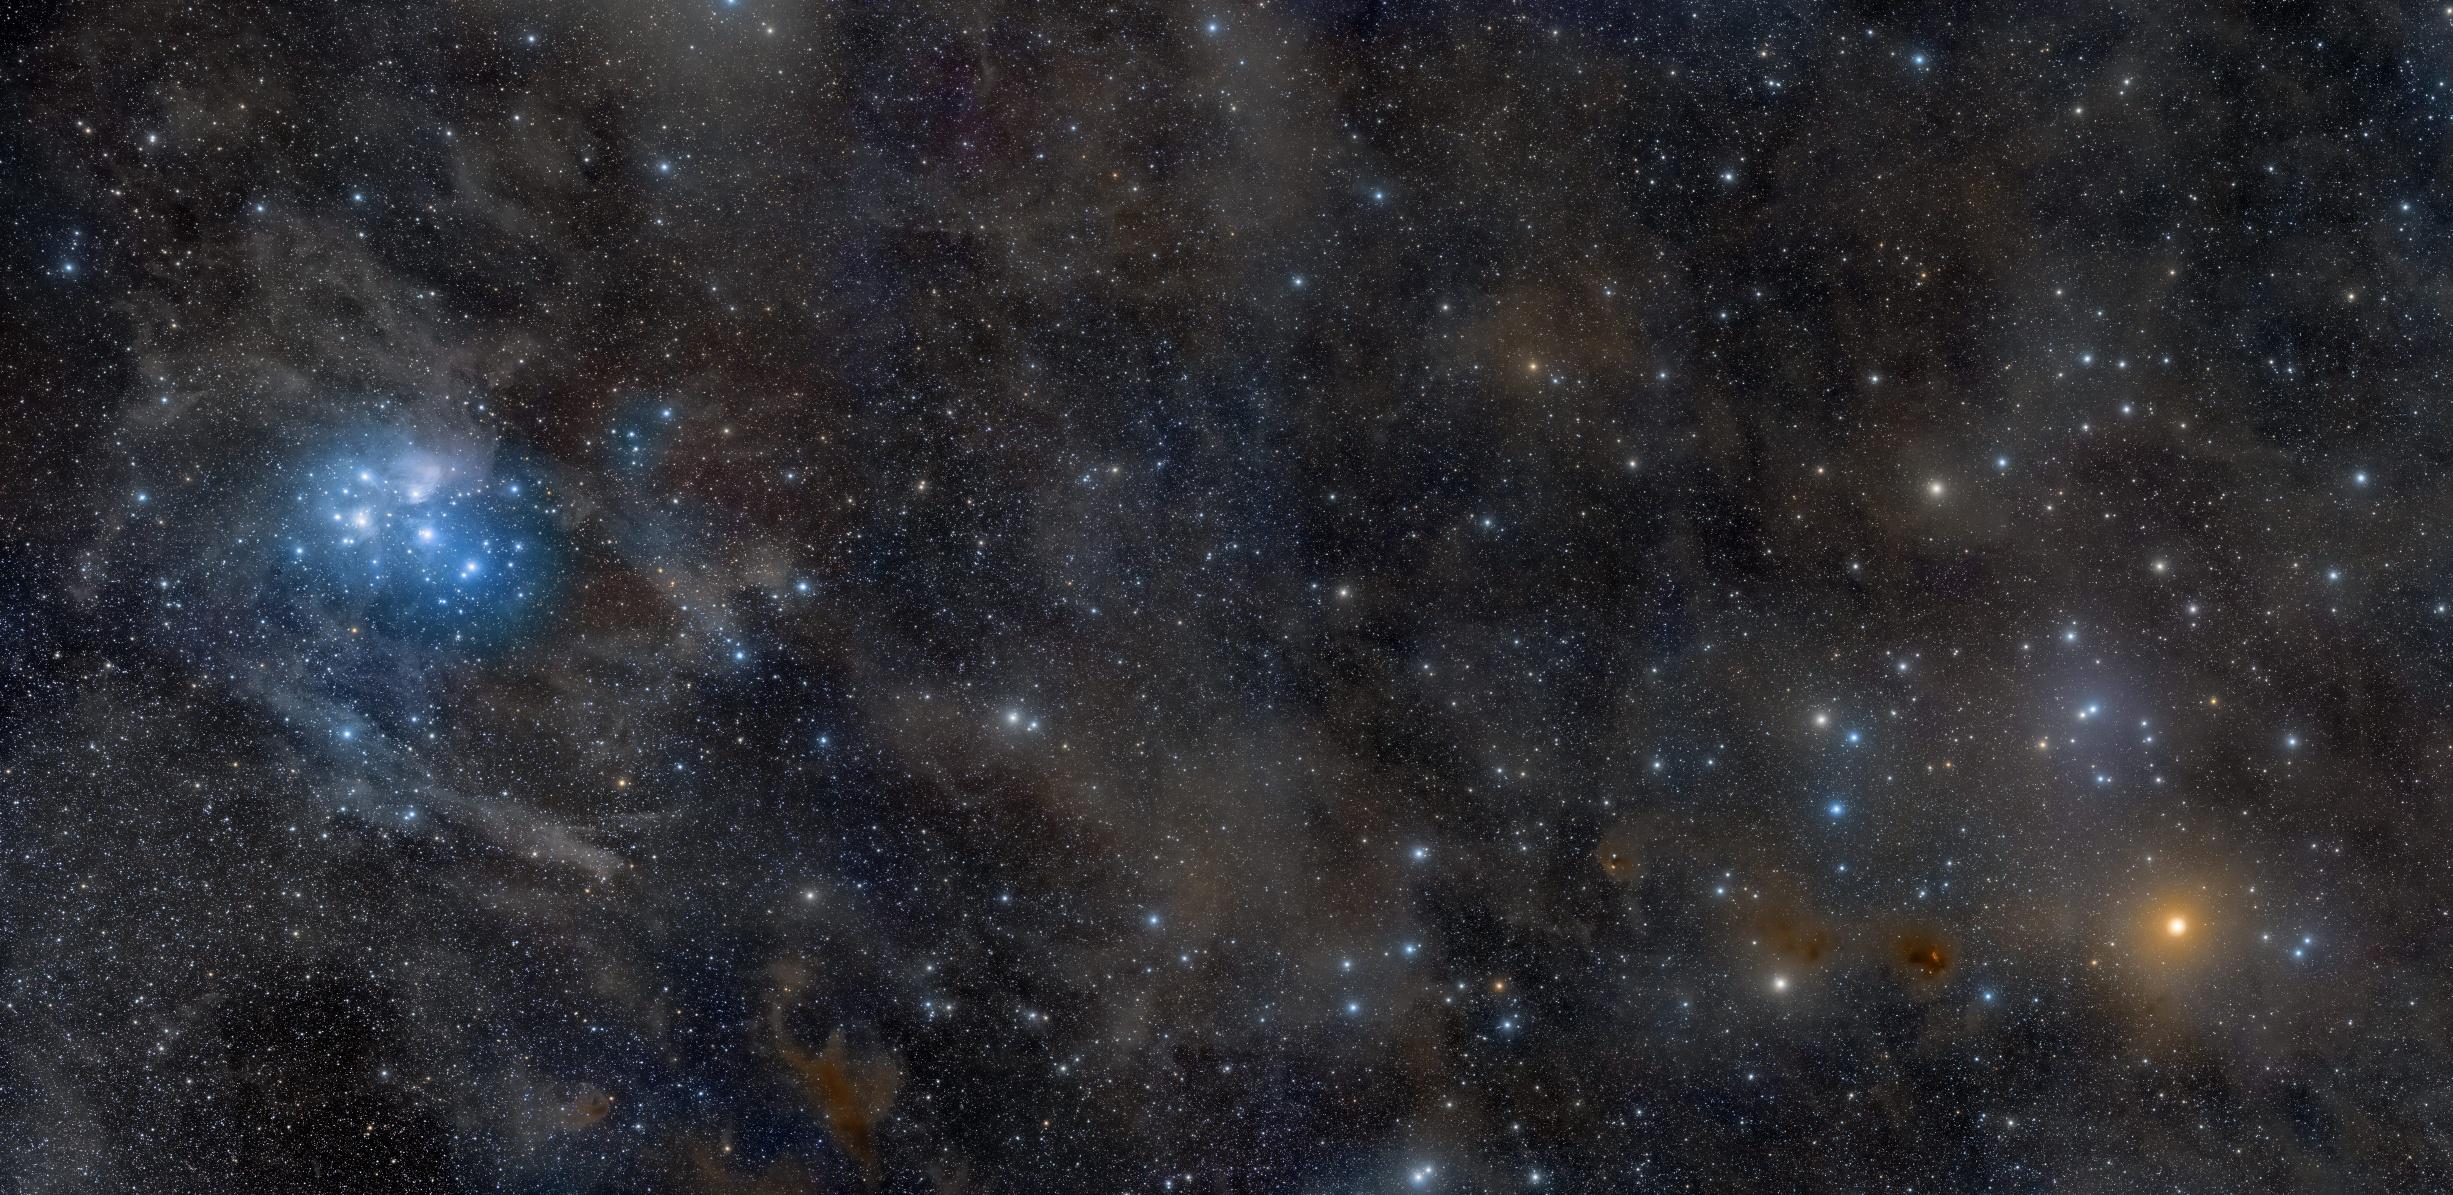 nasa photos of pleiades - photo #13